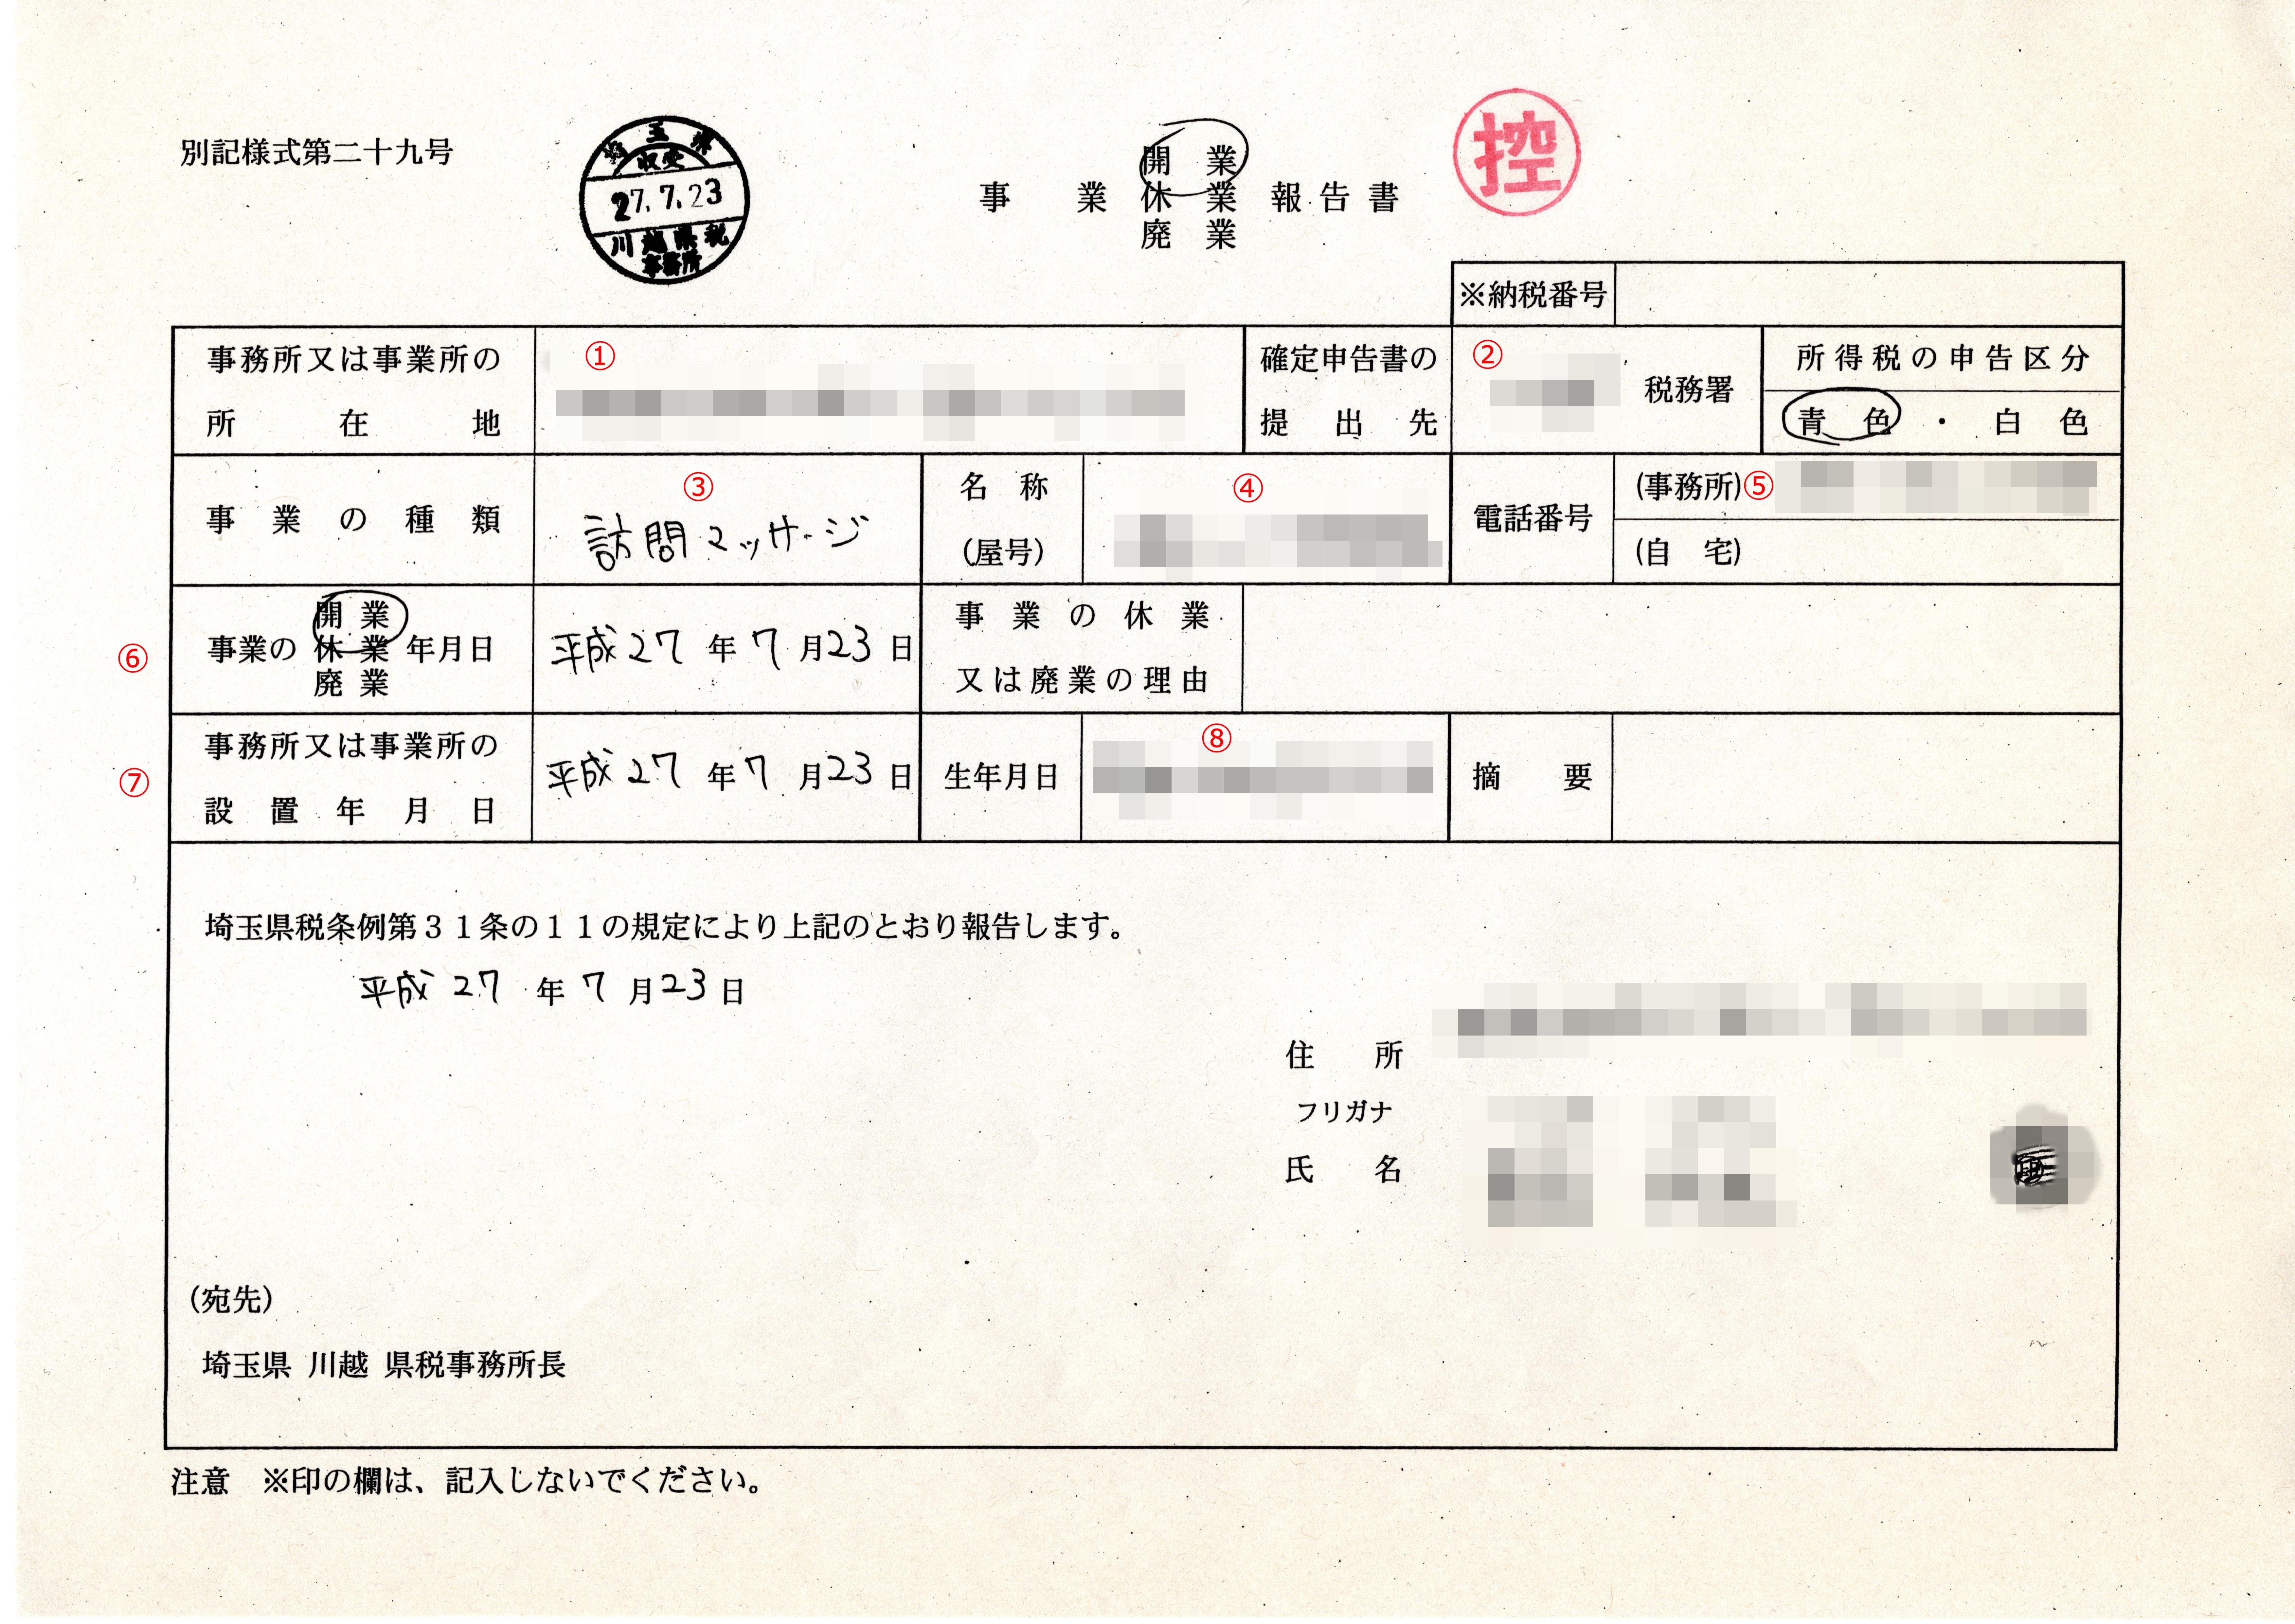 県税事務所への開業届原本